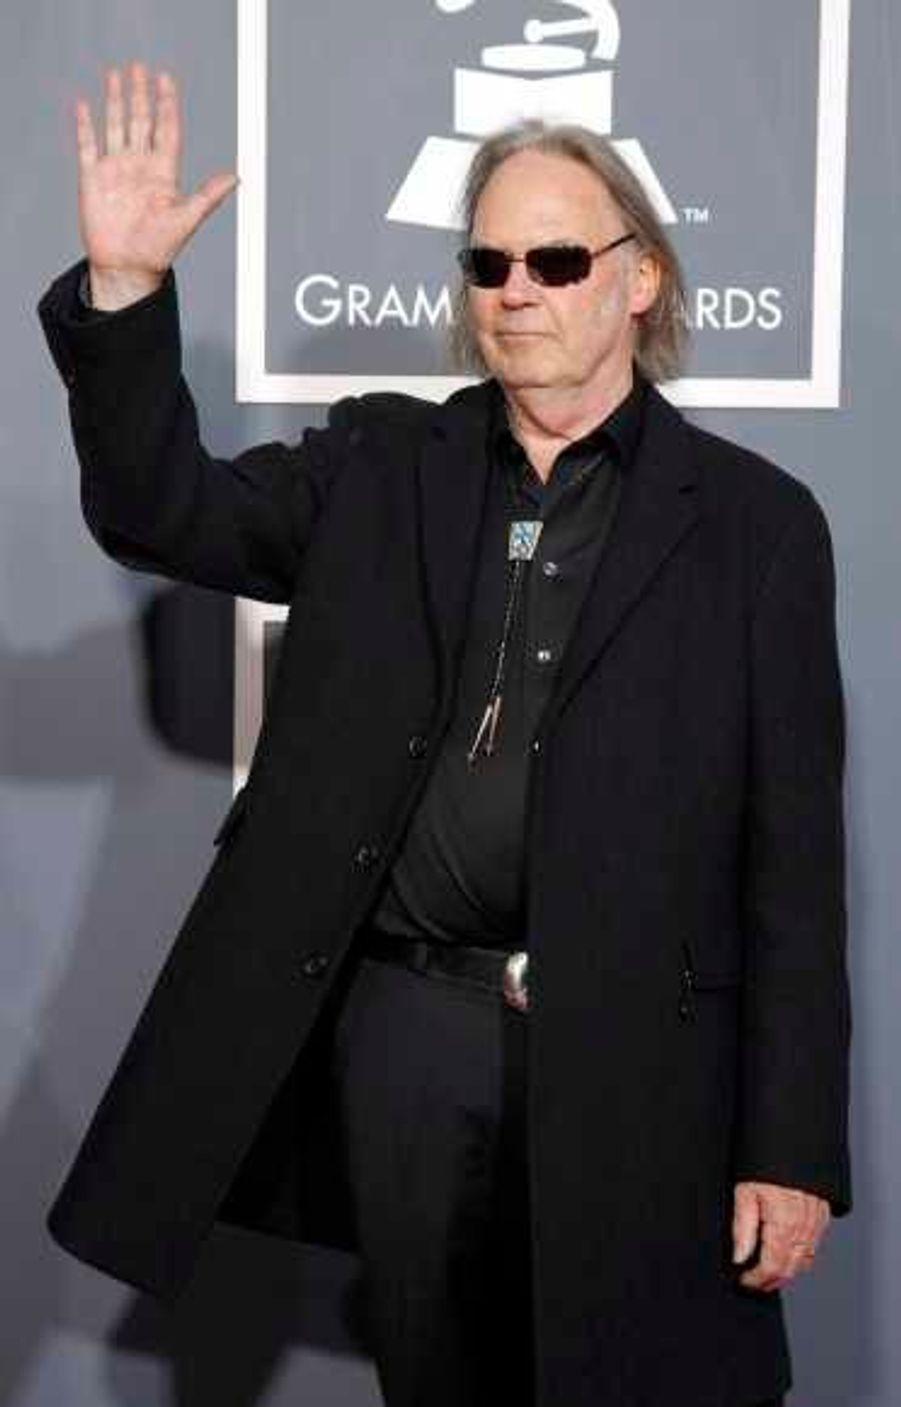 Neil Young a remporté le prix de la meilleure chanson rock de l'année pour Angry World.